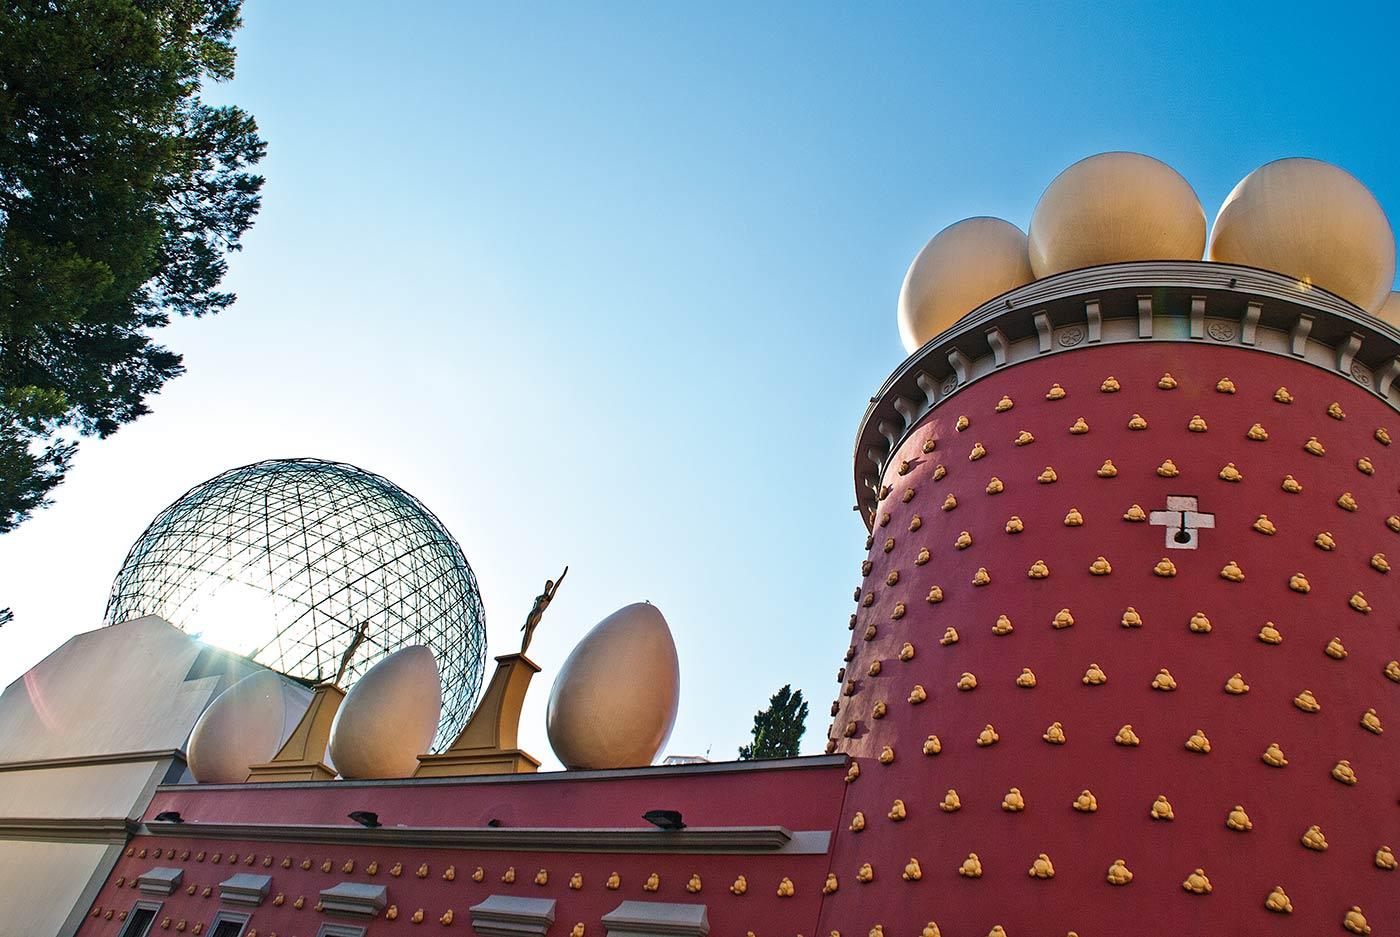 Théâtre-Musée Dalí, Figueres, catalogne